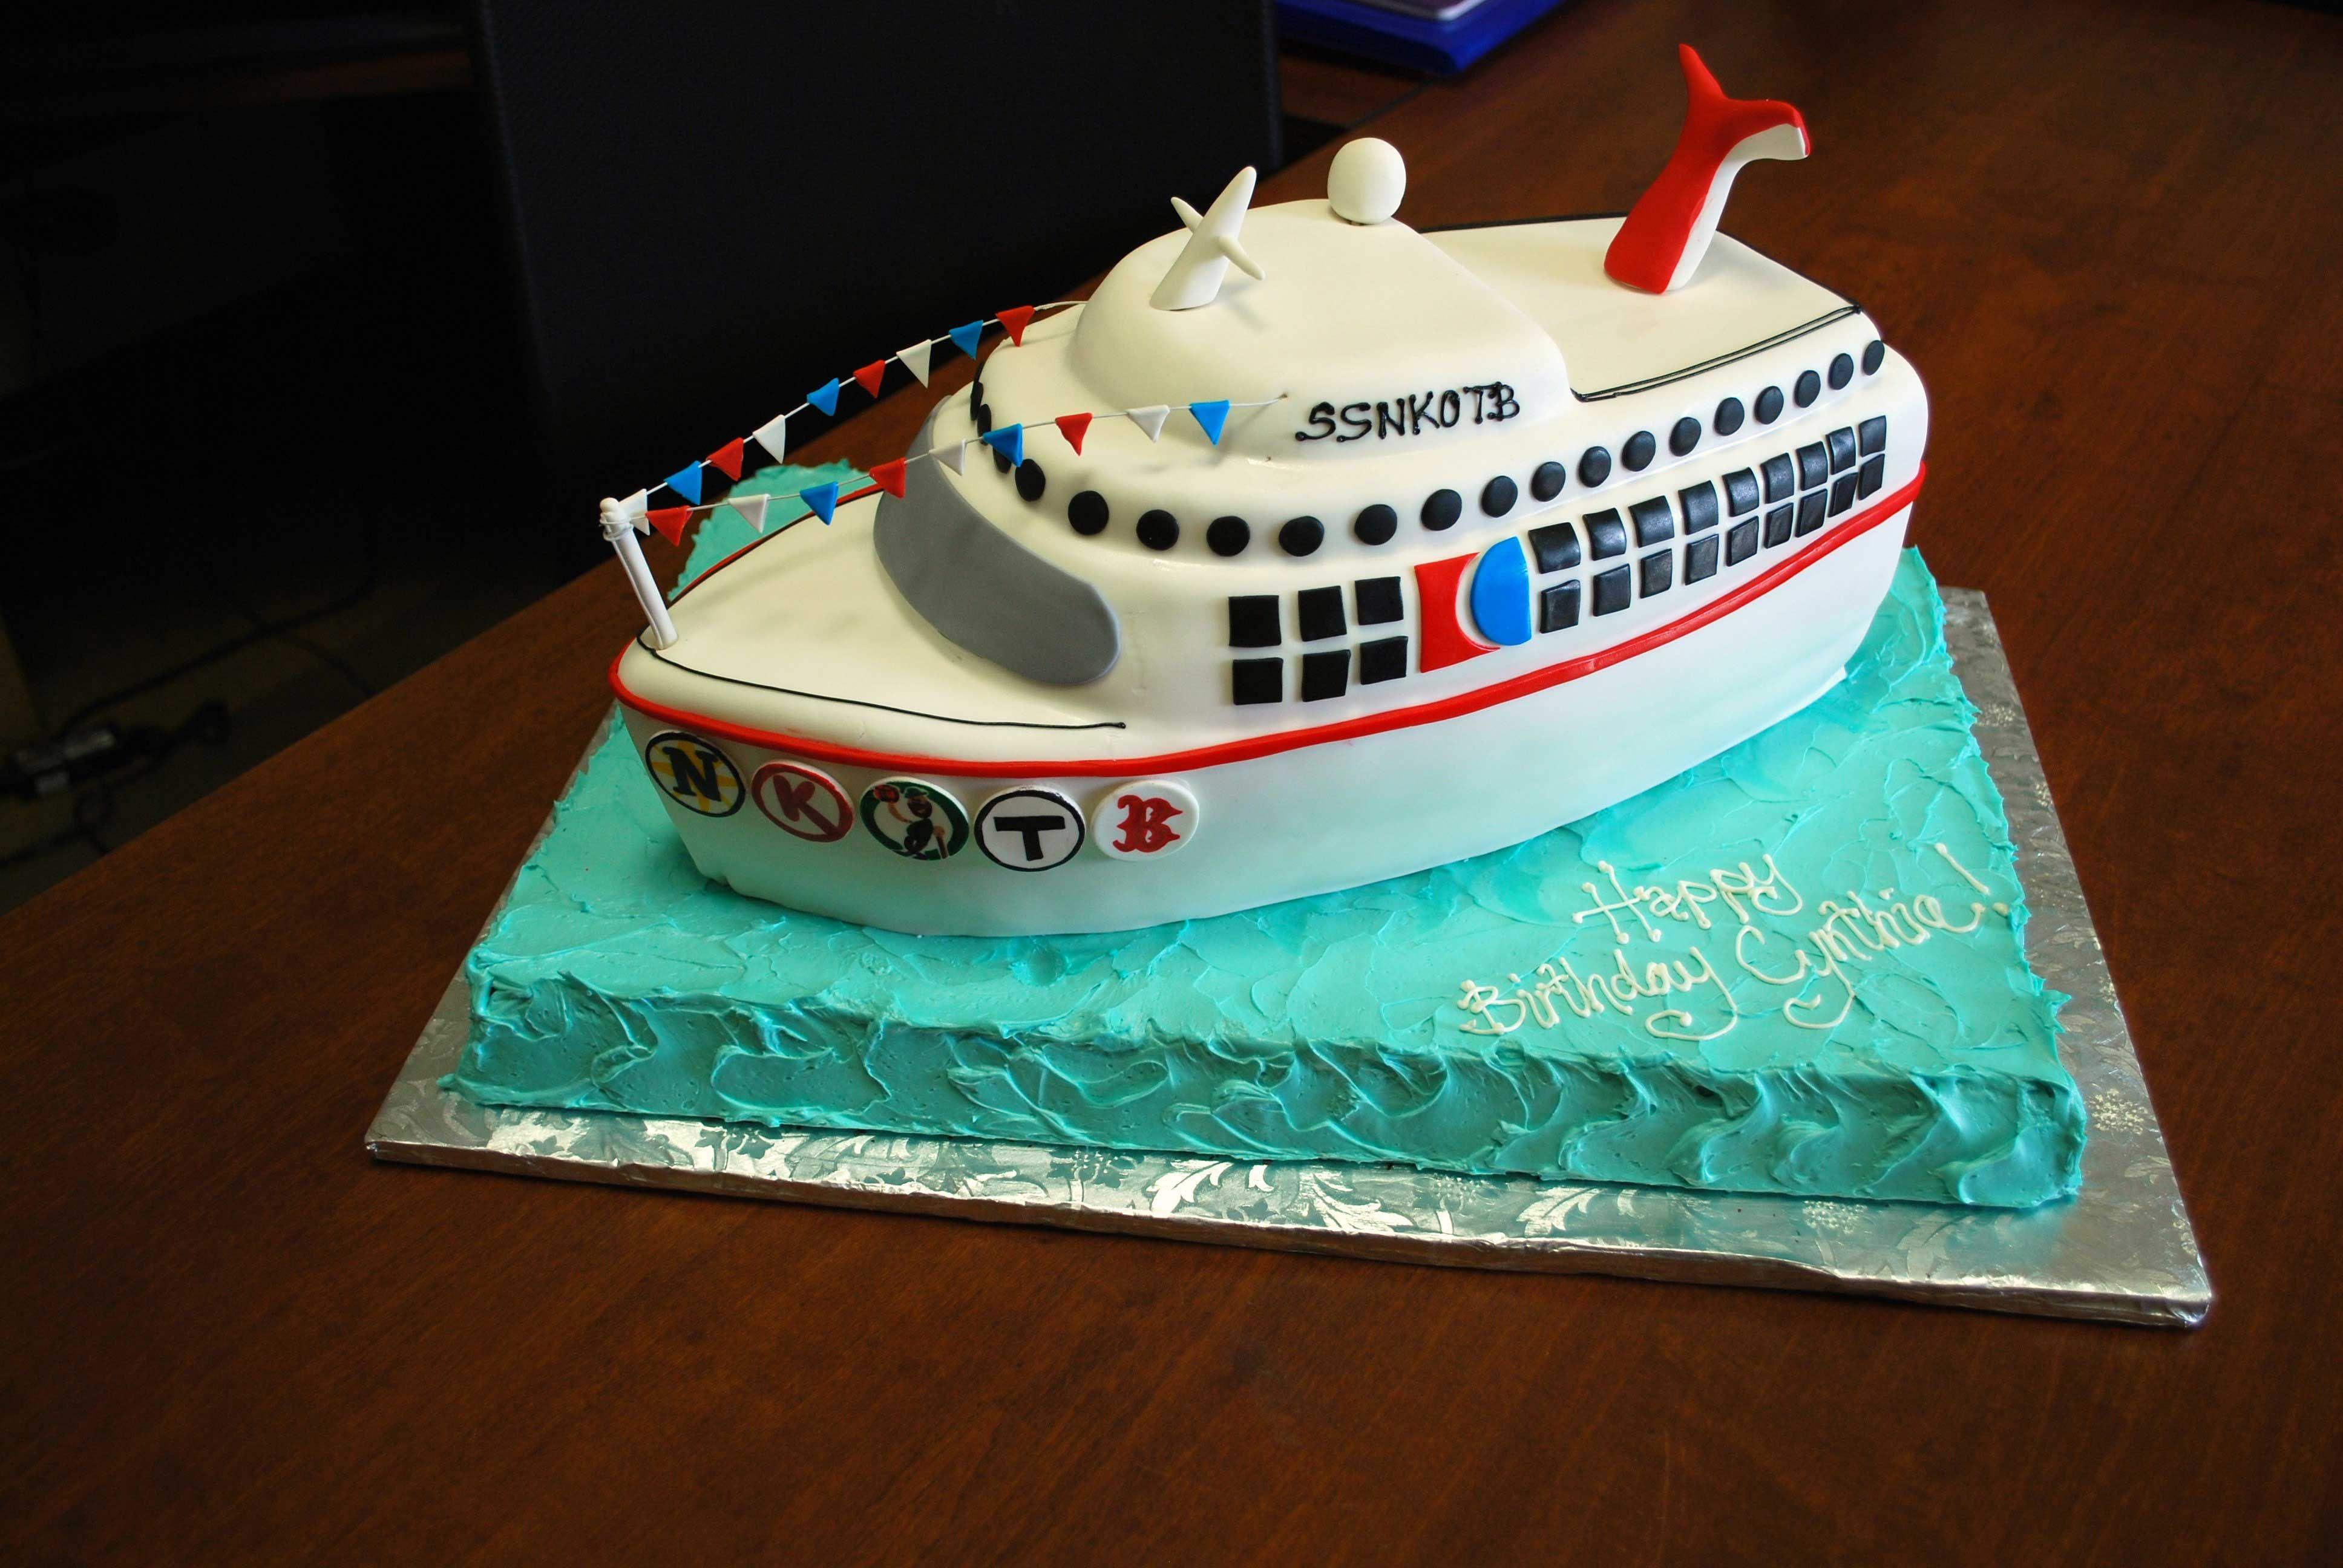 Strange Cruise Ship Cake With Images Boat Cake Nautical Wedding Cakes Funny Birthday Cards Online Inifofree Goldxyz